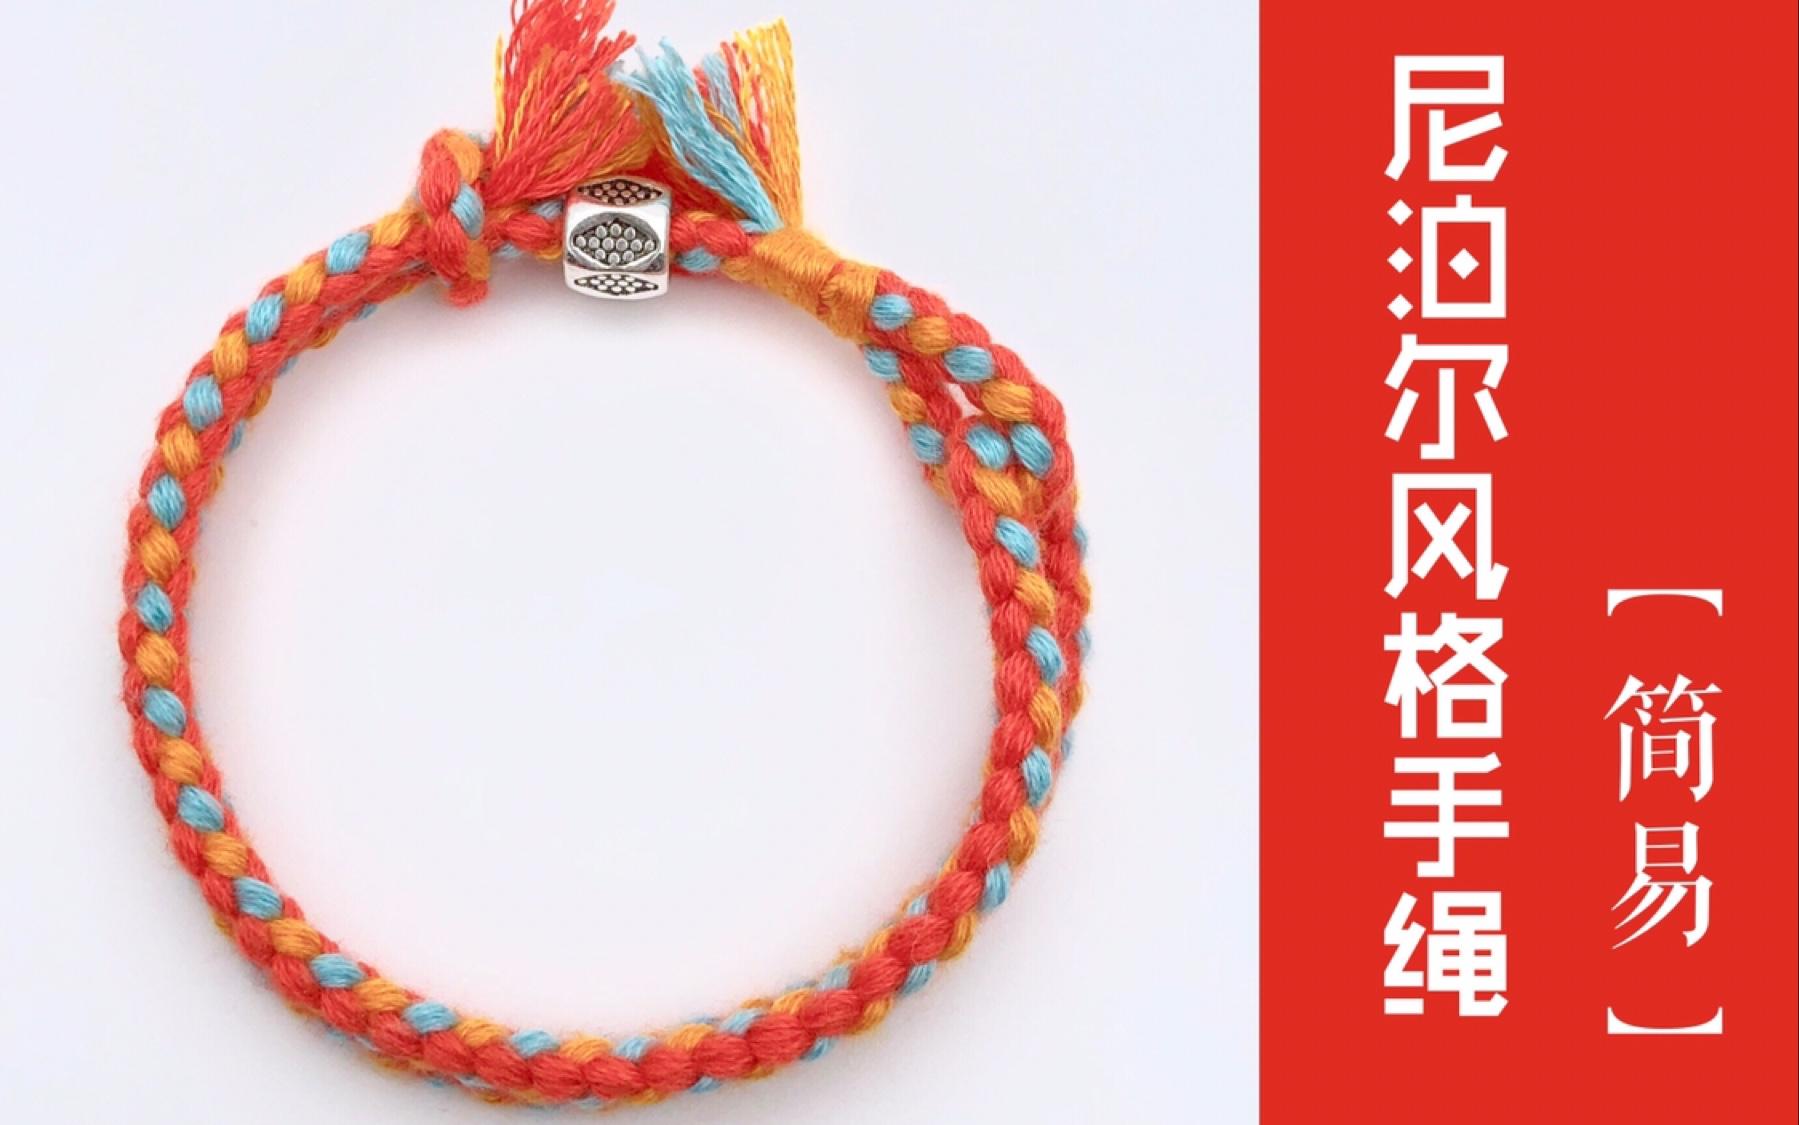 中国结论坛 尼泊尔风格手绳教程 敲简单的 教程,立夏手绳的编织方法,编线绳的方法图解简单,哥伦比亚手绳编织方法,二根绳子各种编法图解 视频教程区 113917g8dodw3o3nhdnbeh